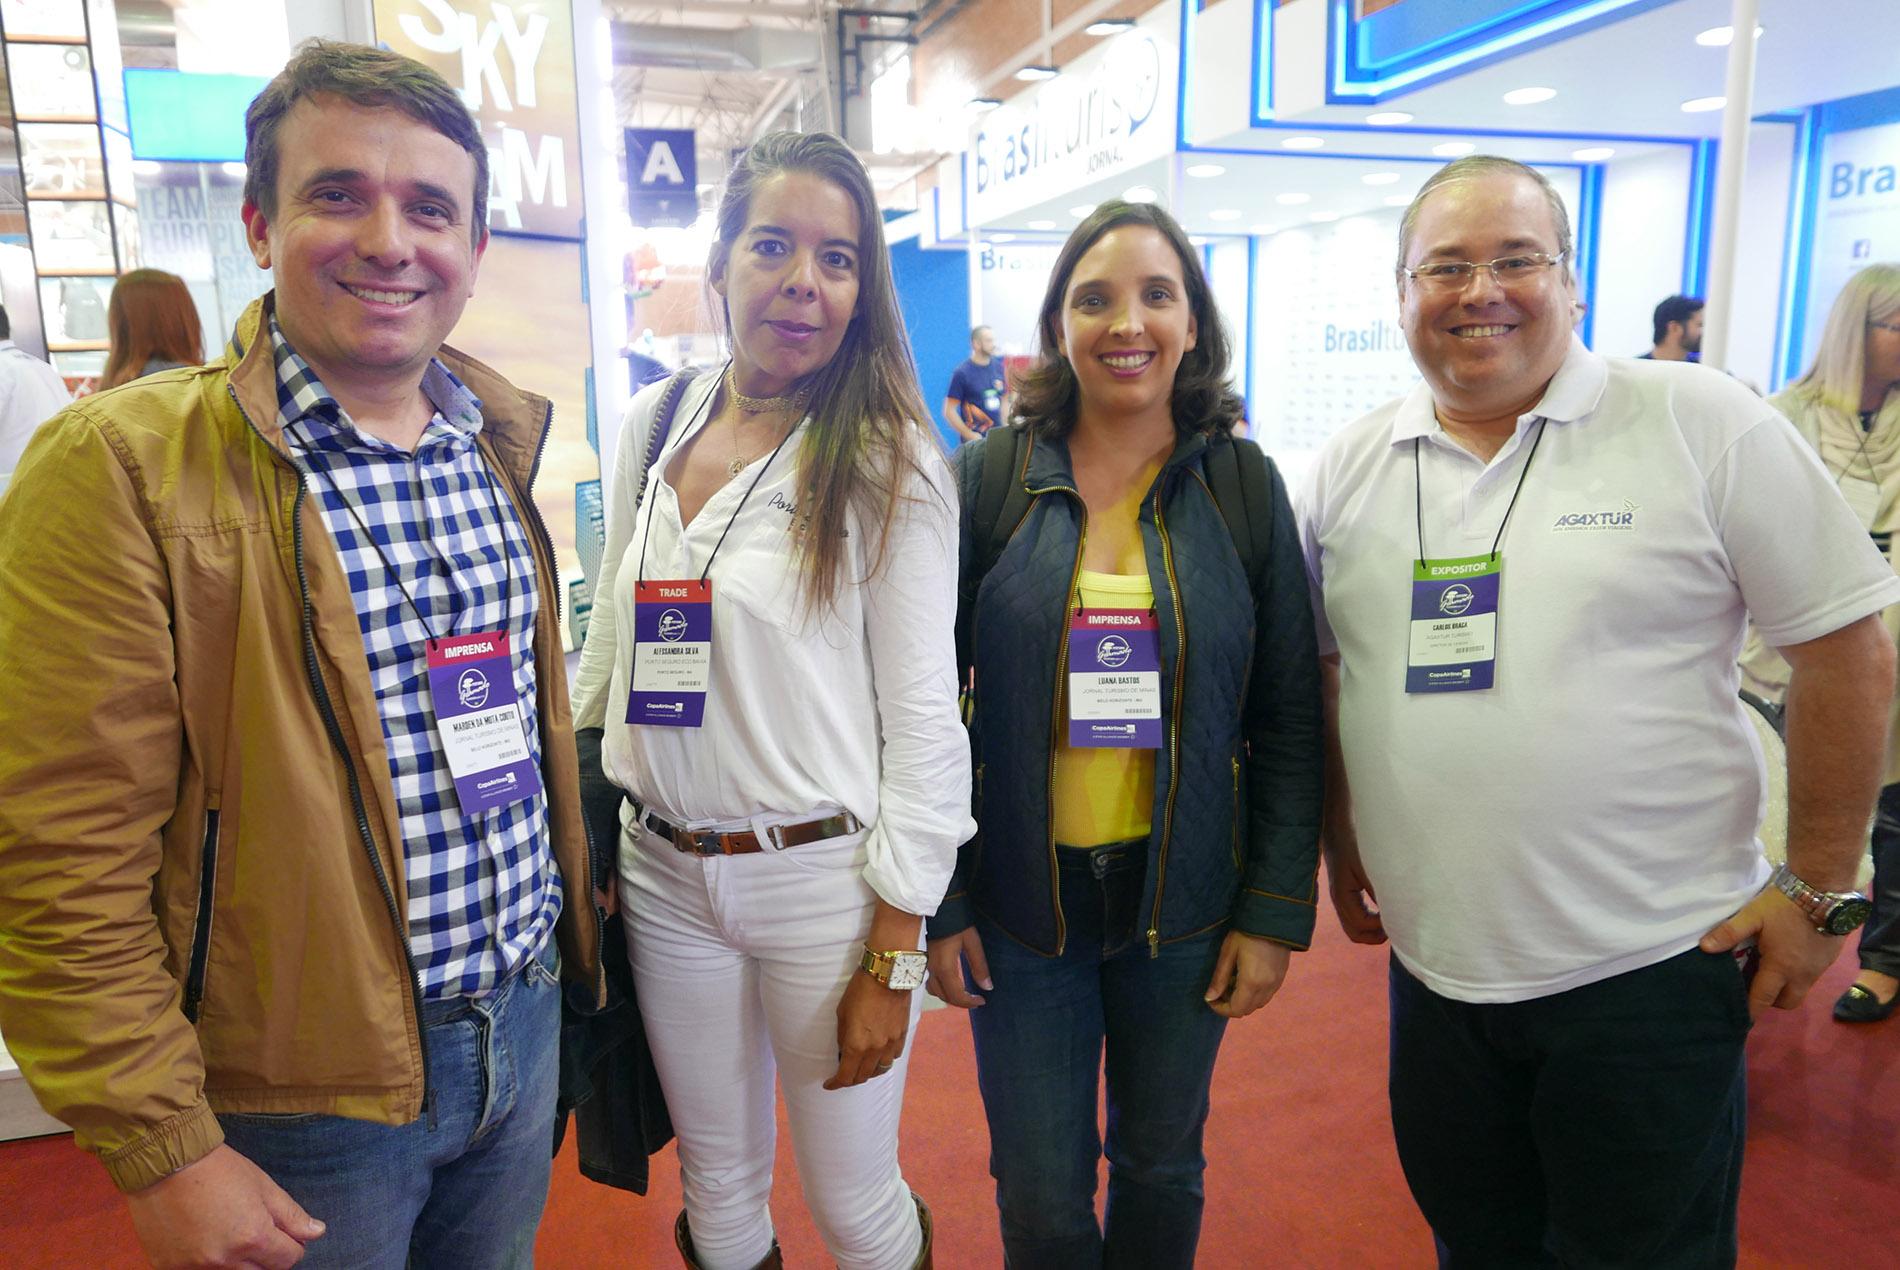 Marden Couto, Alessandra Quaresma, do Porto Seguro Eco, Luana Bastos, e Carlos Braga, da Agaxtur